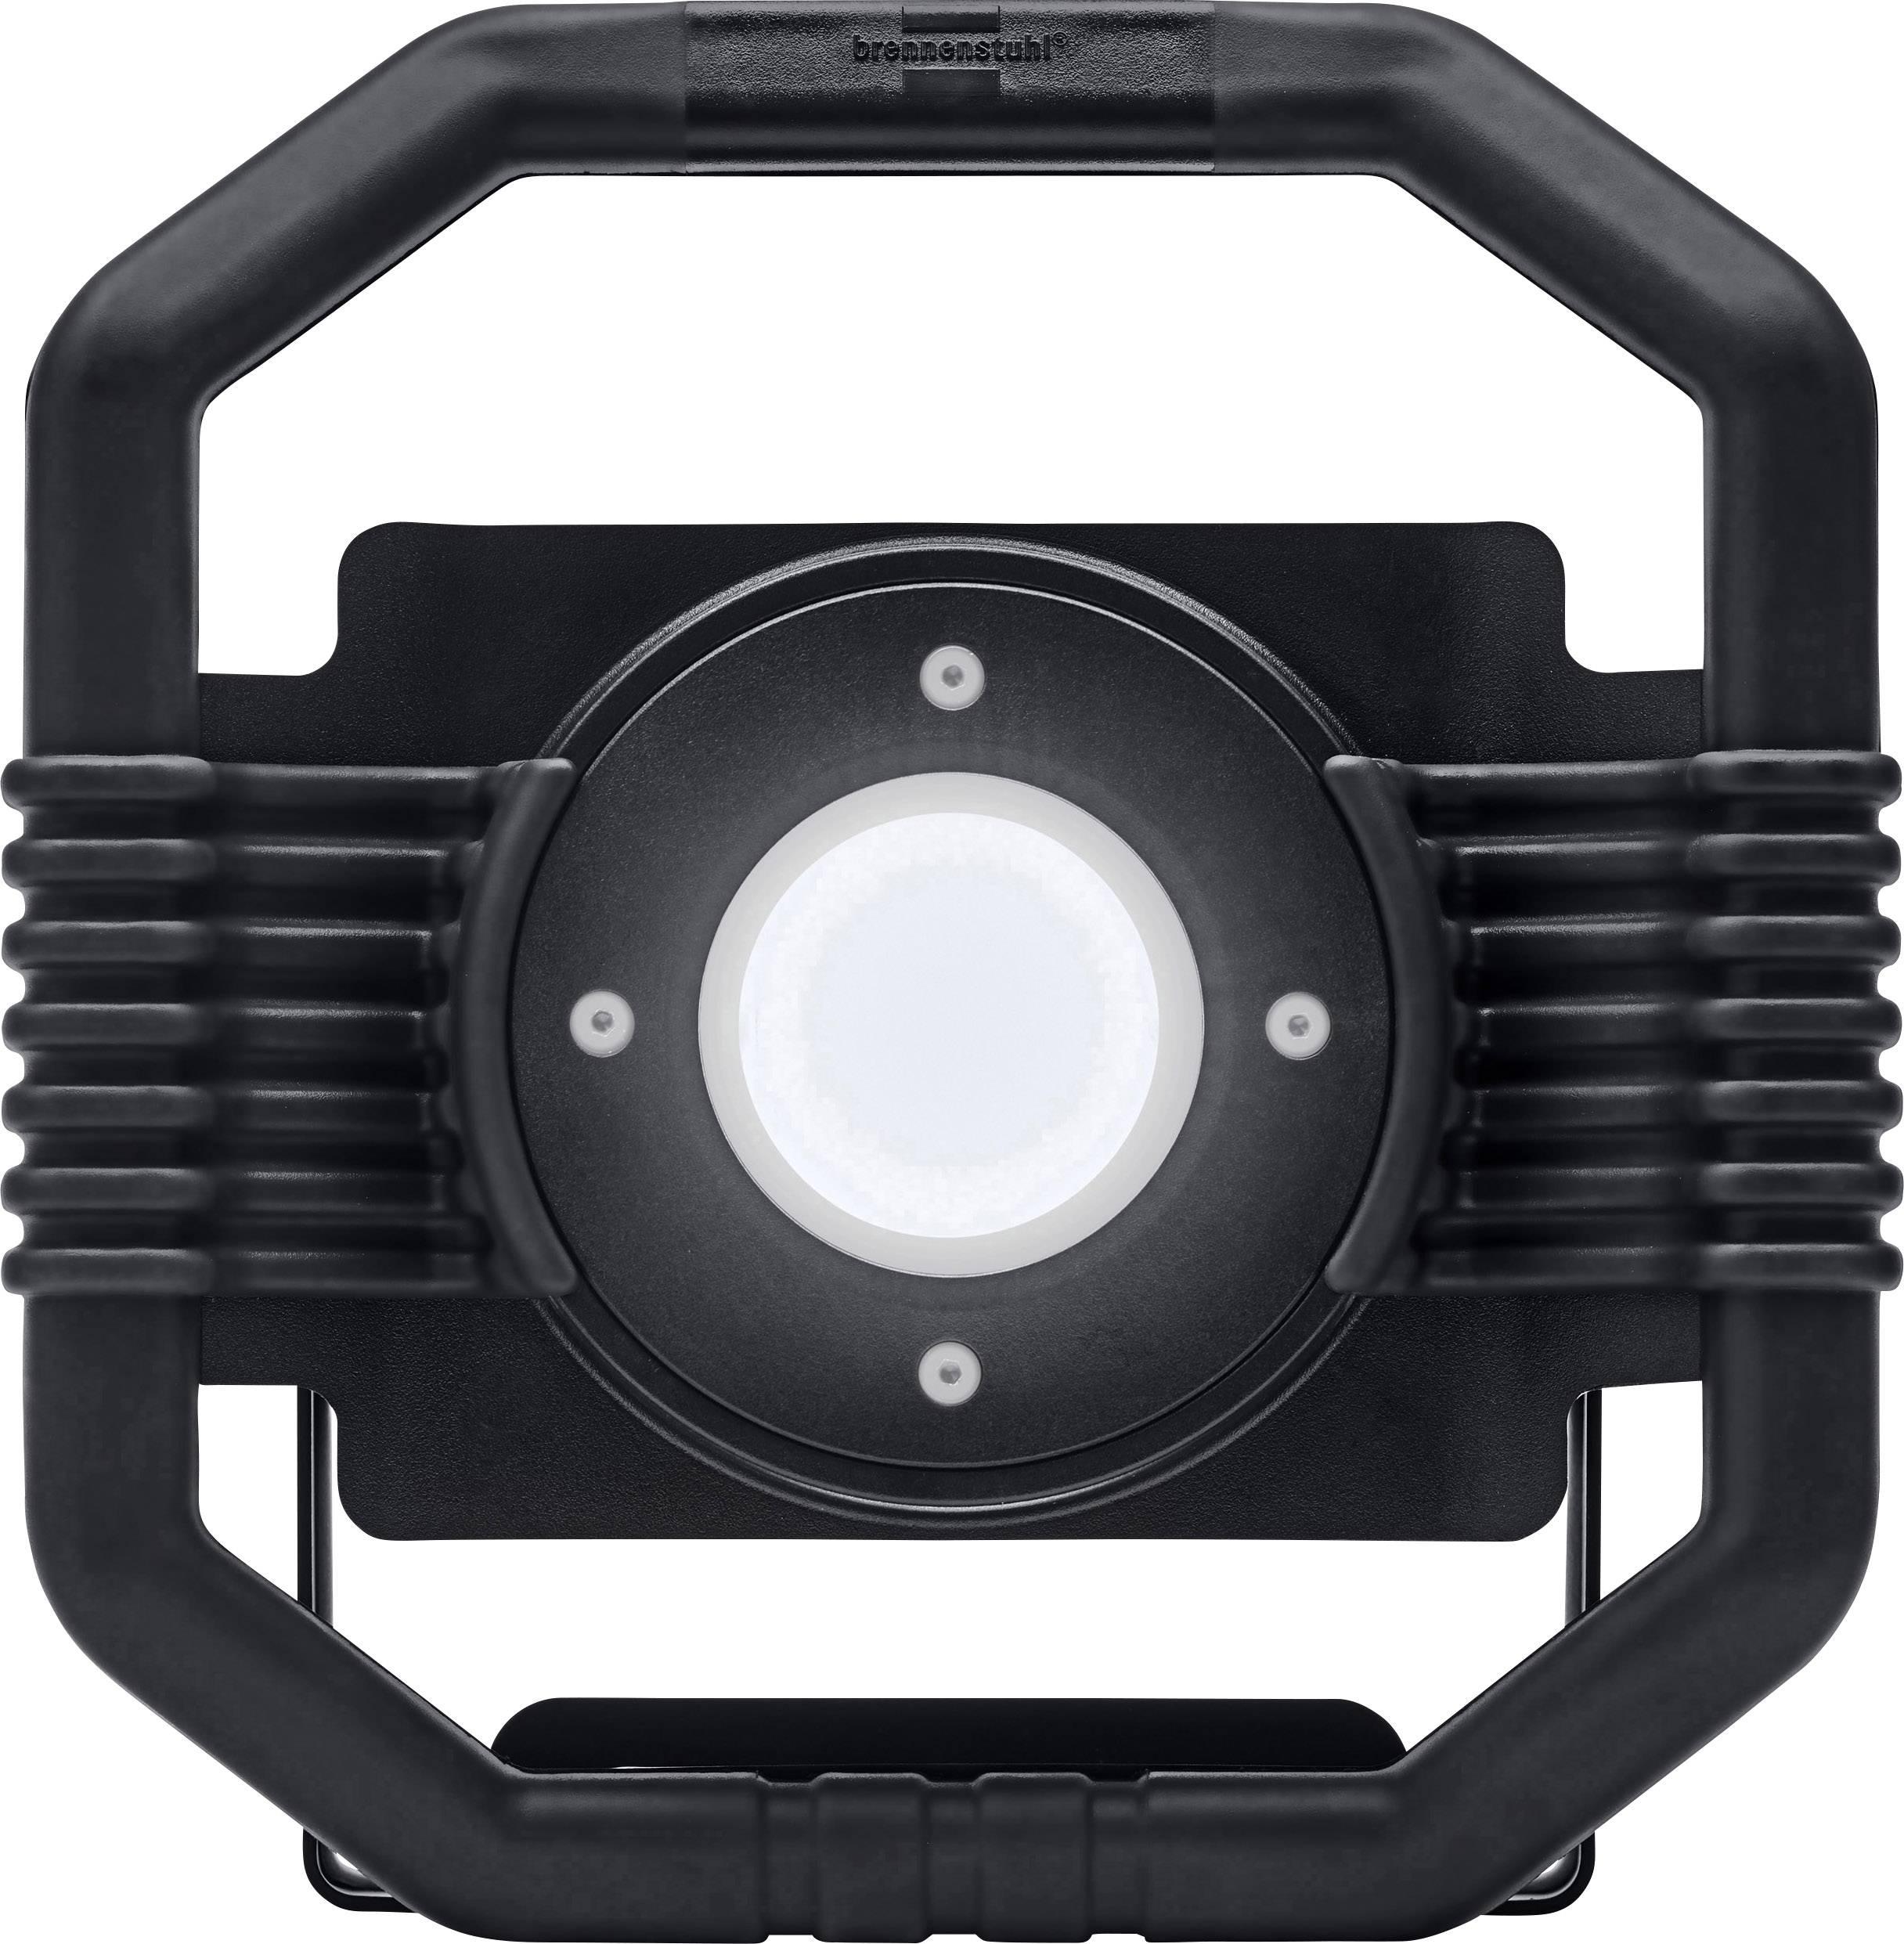 LED Baustrahler IP 44 Arbeitsleuchte tragbarer Strahler mit Stativ 30 Watt 3000 Lumen